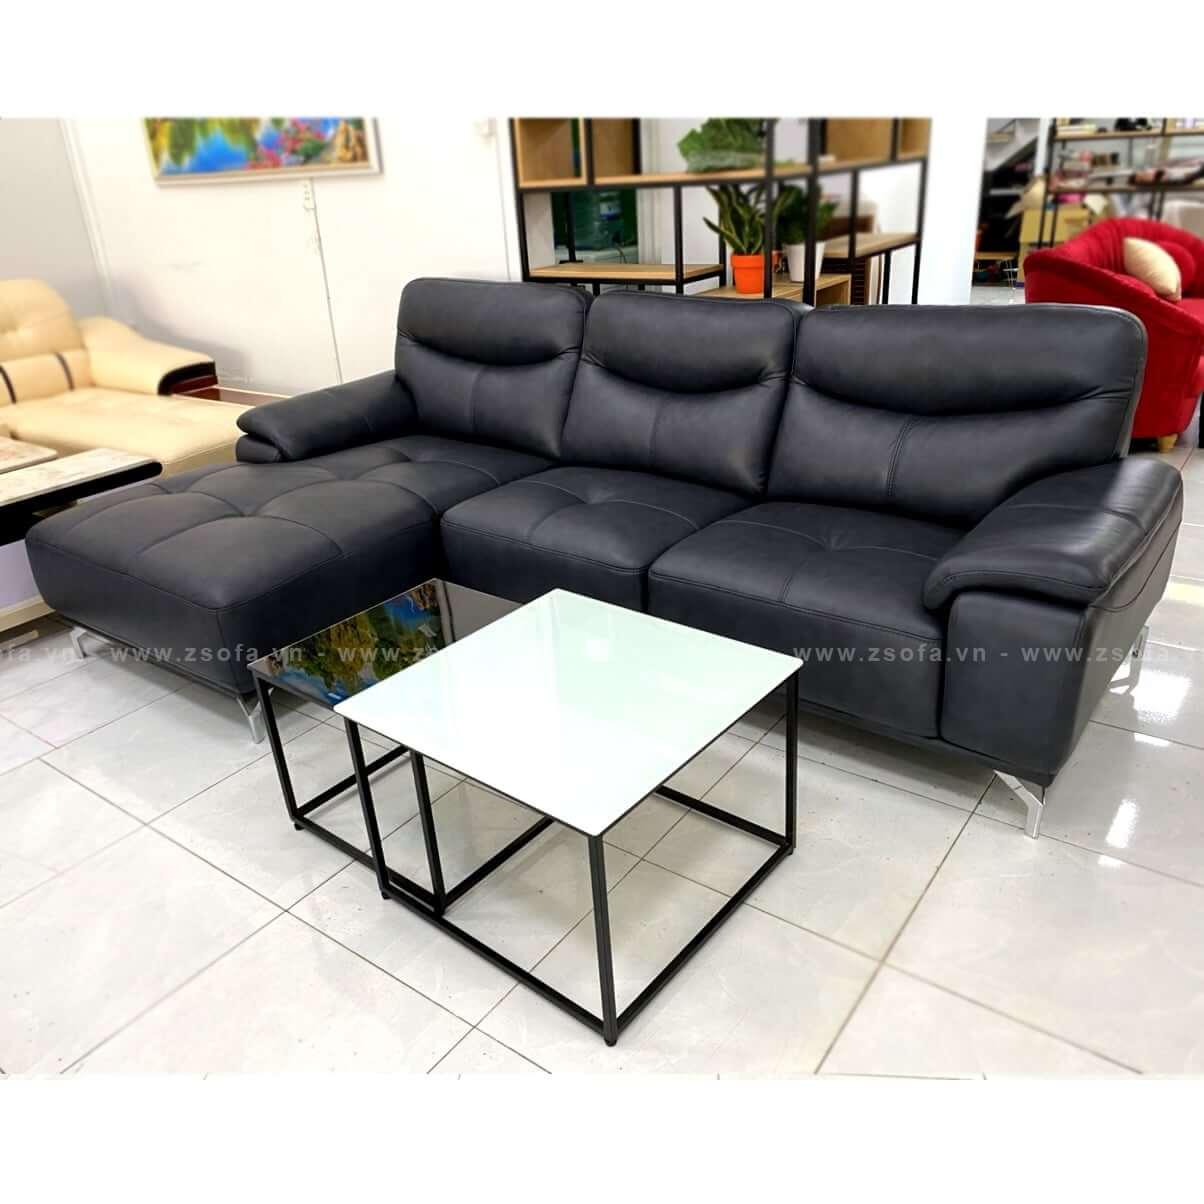 Chọn ghế sofa an toàn sức khỏe cho gia đình